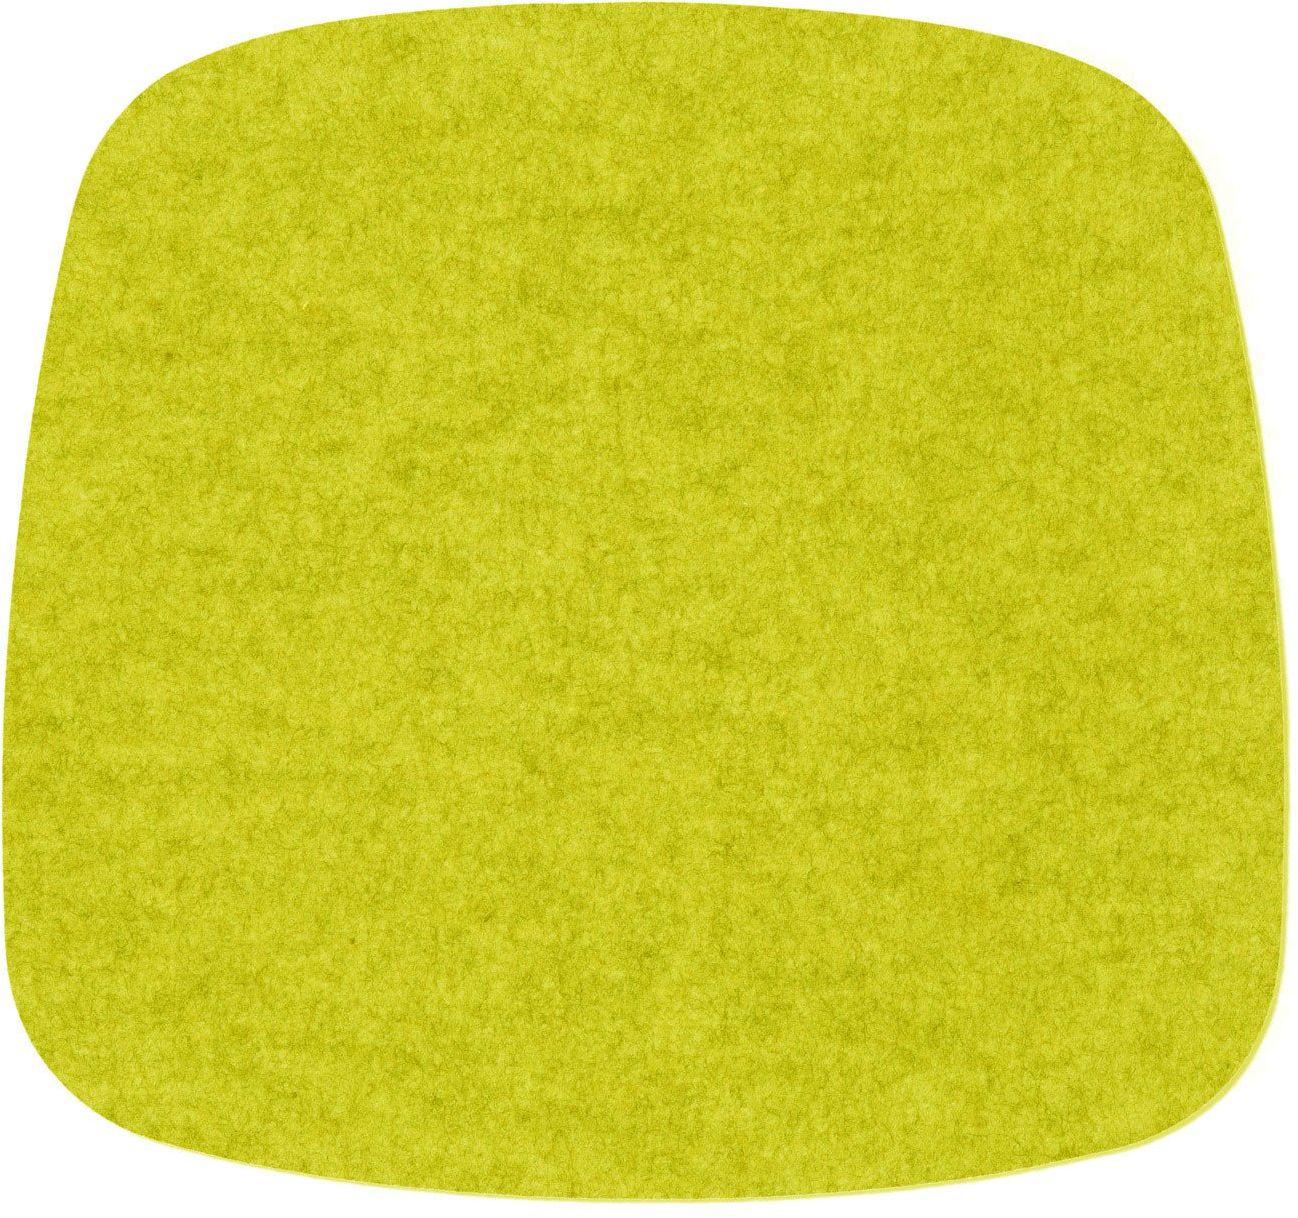 Hey Sign eames plastic armchair nakładka na siedzisko, żywa wełna, Verde 25AR, 37 x 35 x 0,5 cm